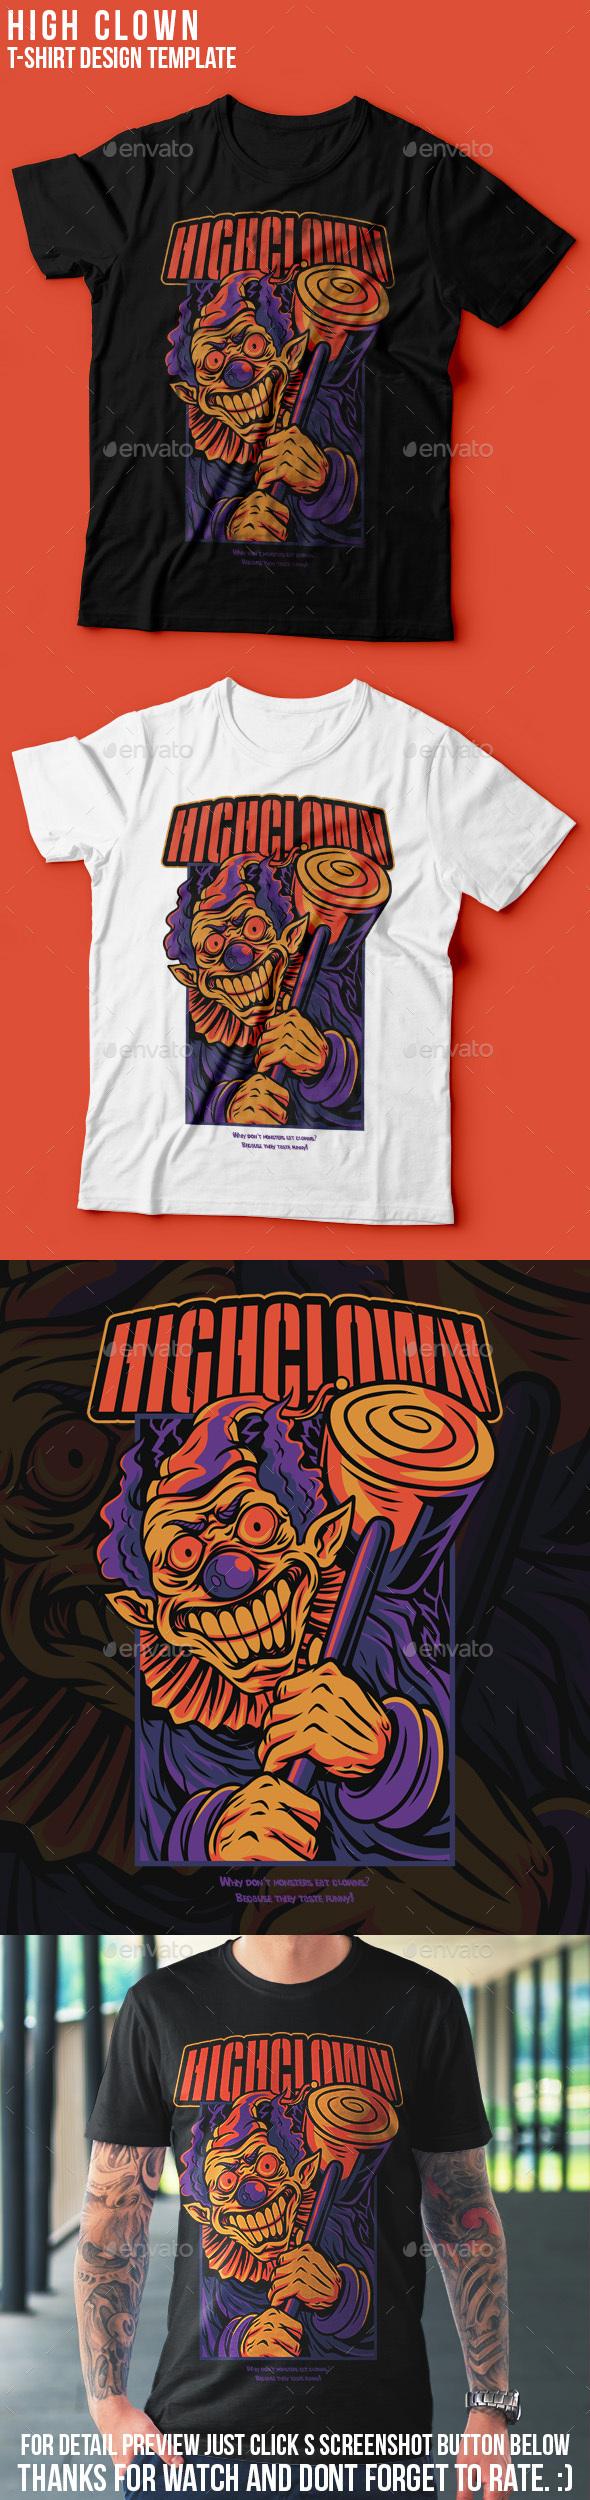 High Clown Halloween T-Shirt Design